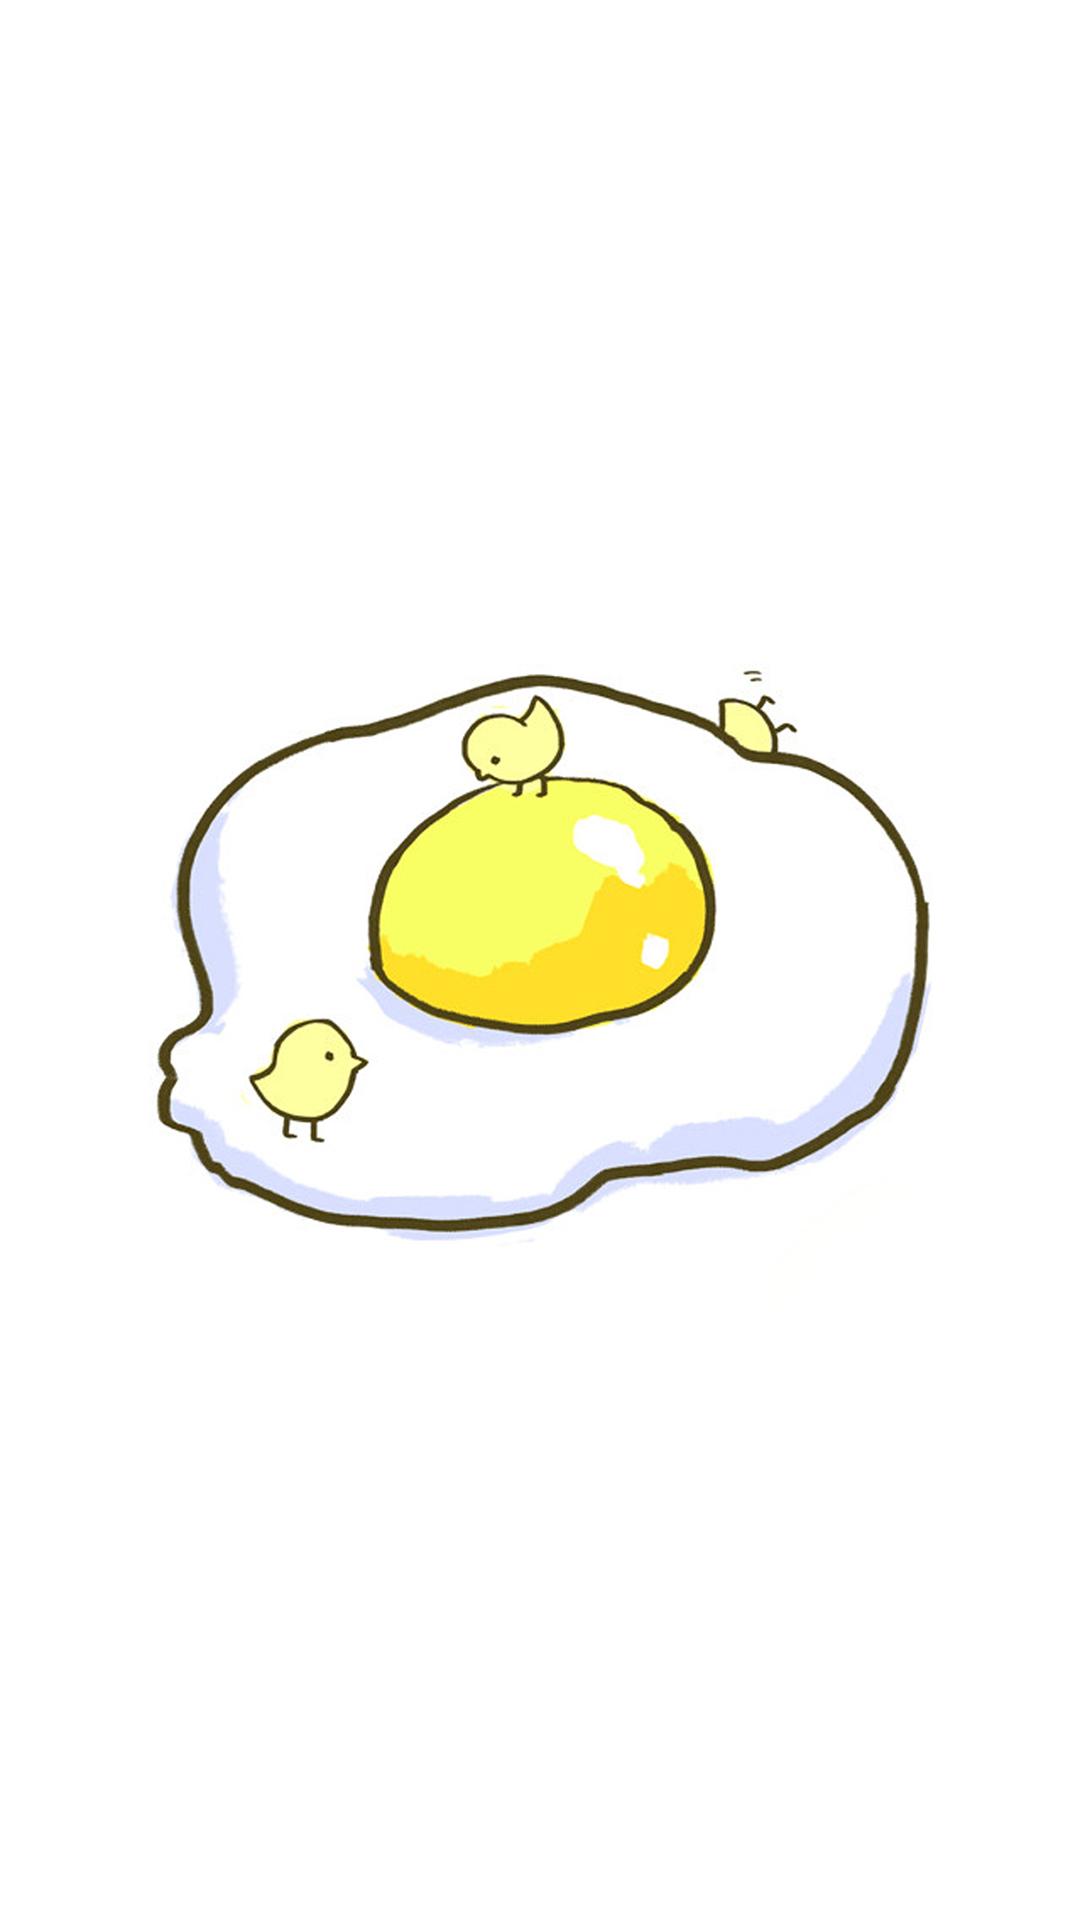 鸡蛋 手绘 创意 小鸡 简约